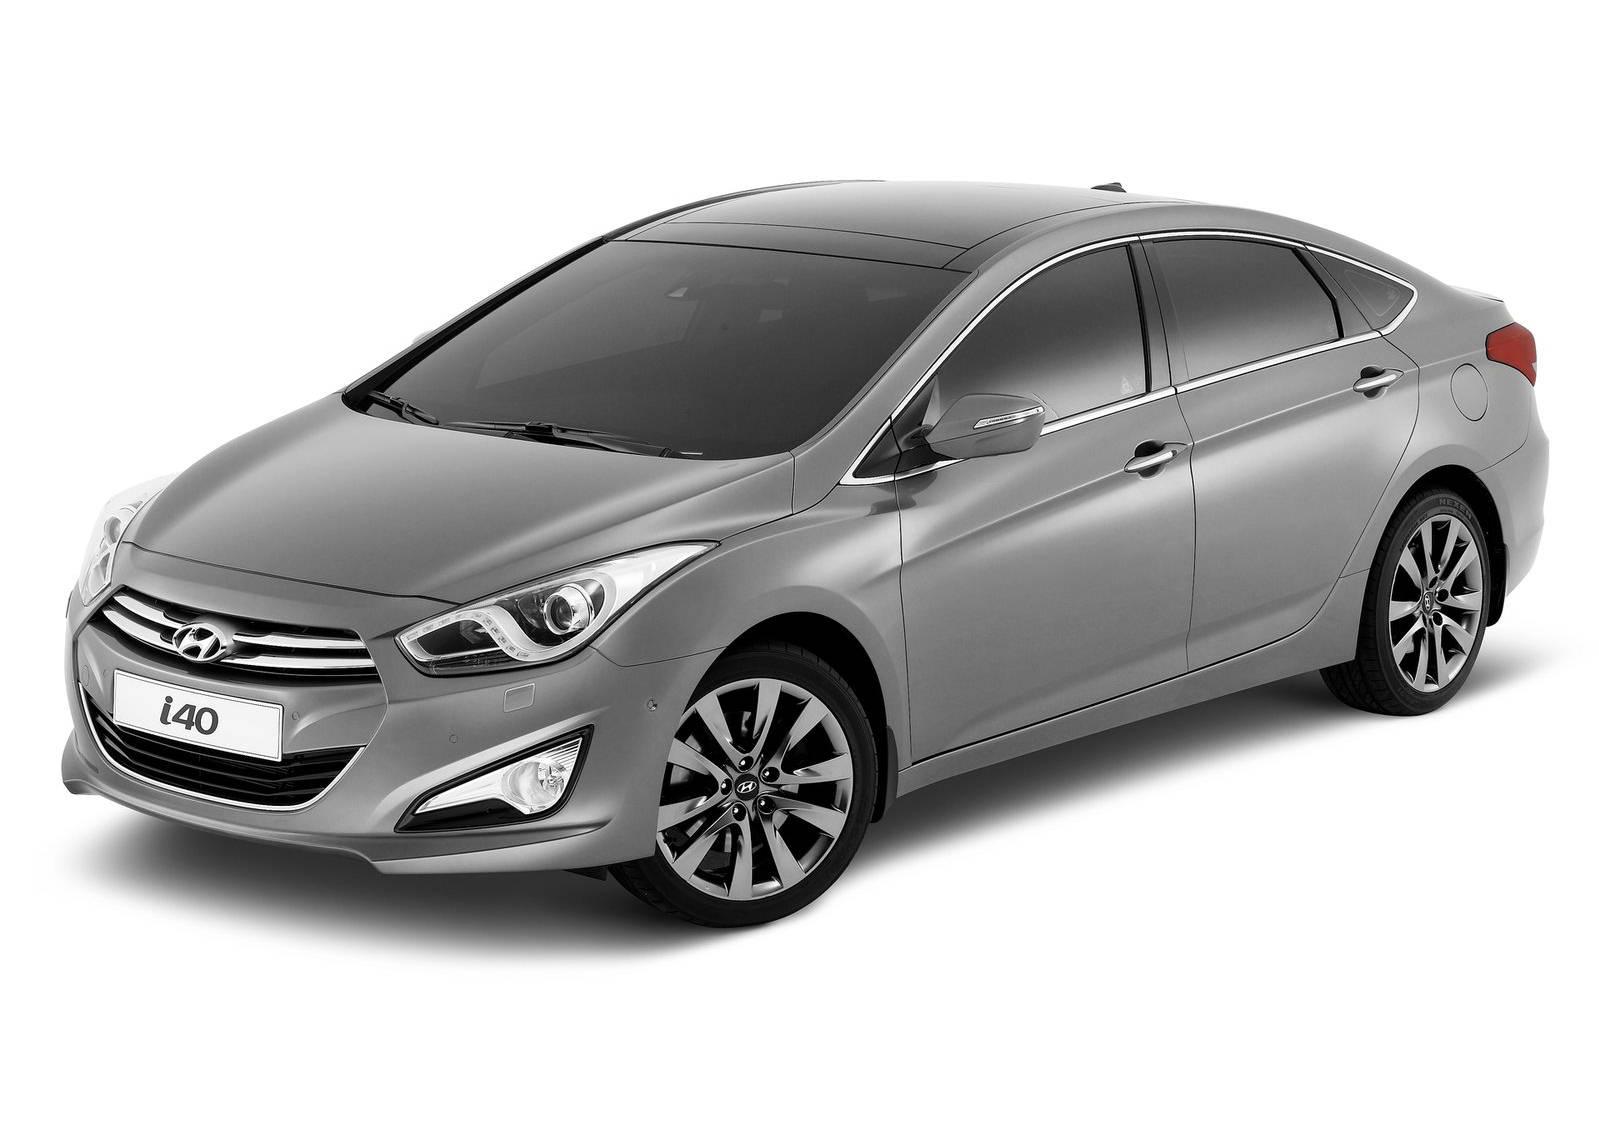 http://1.bp.blogspot.com/-eVAmuDrUFuE/TdNIKfvTkxI/AAAAAAAADOk/E1GD6moiPyI/s1600/Hyundai+i40+Car+2.jpg